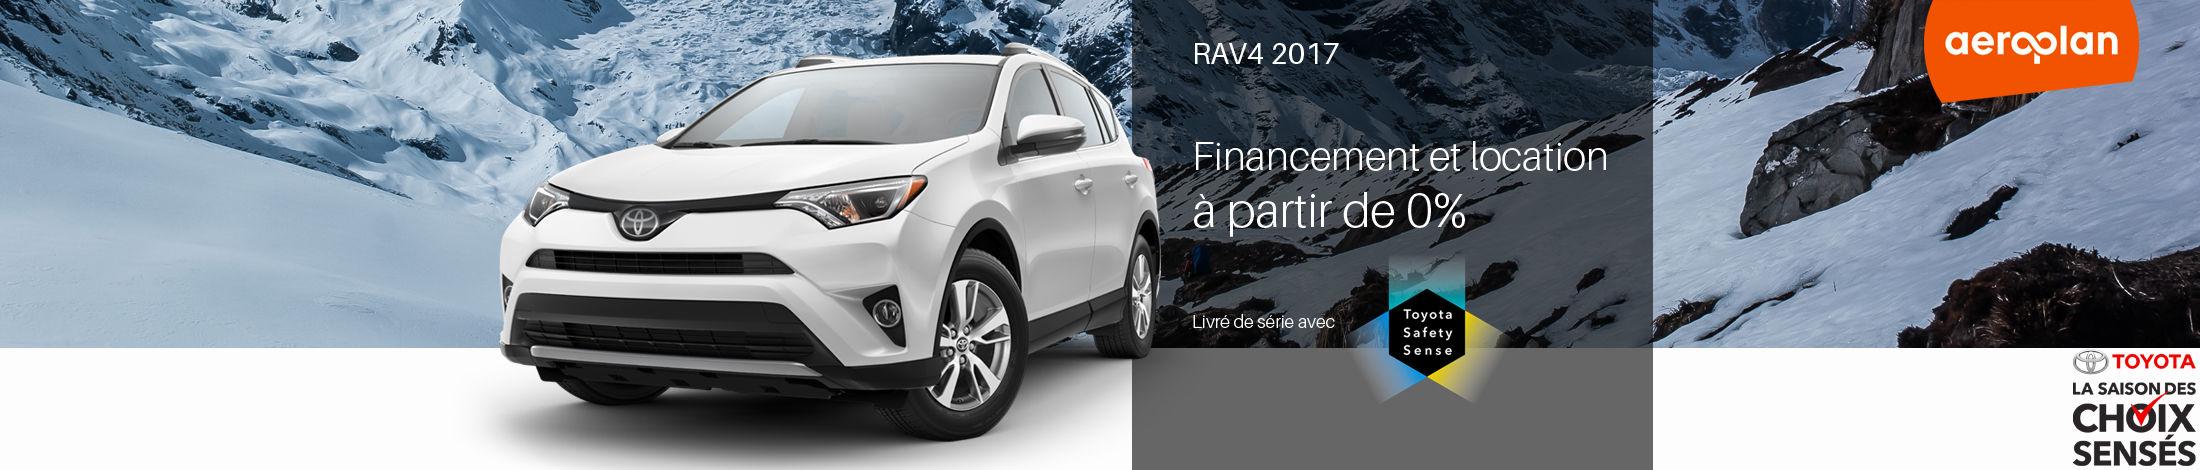 Header - RAV4 2017